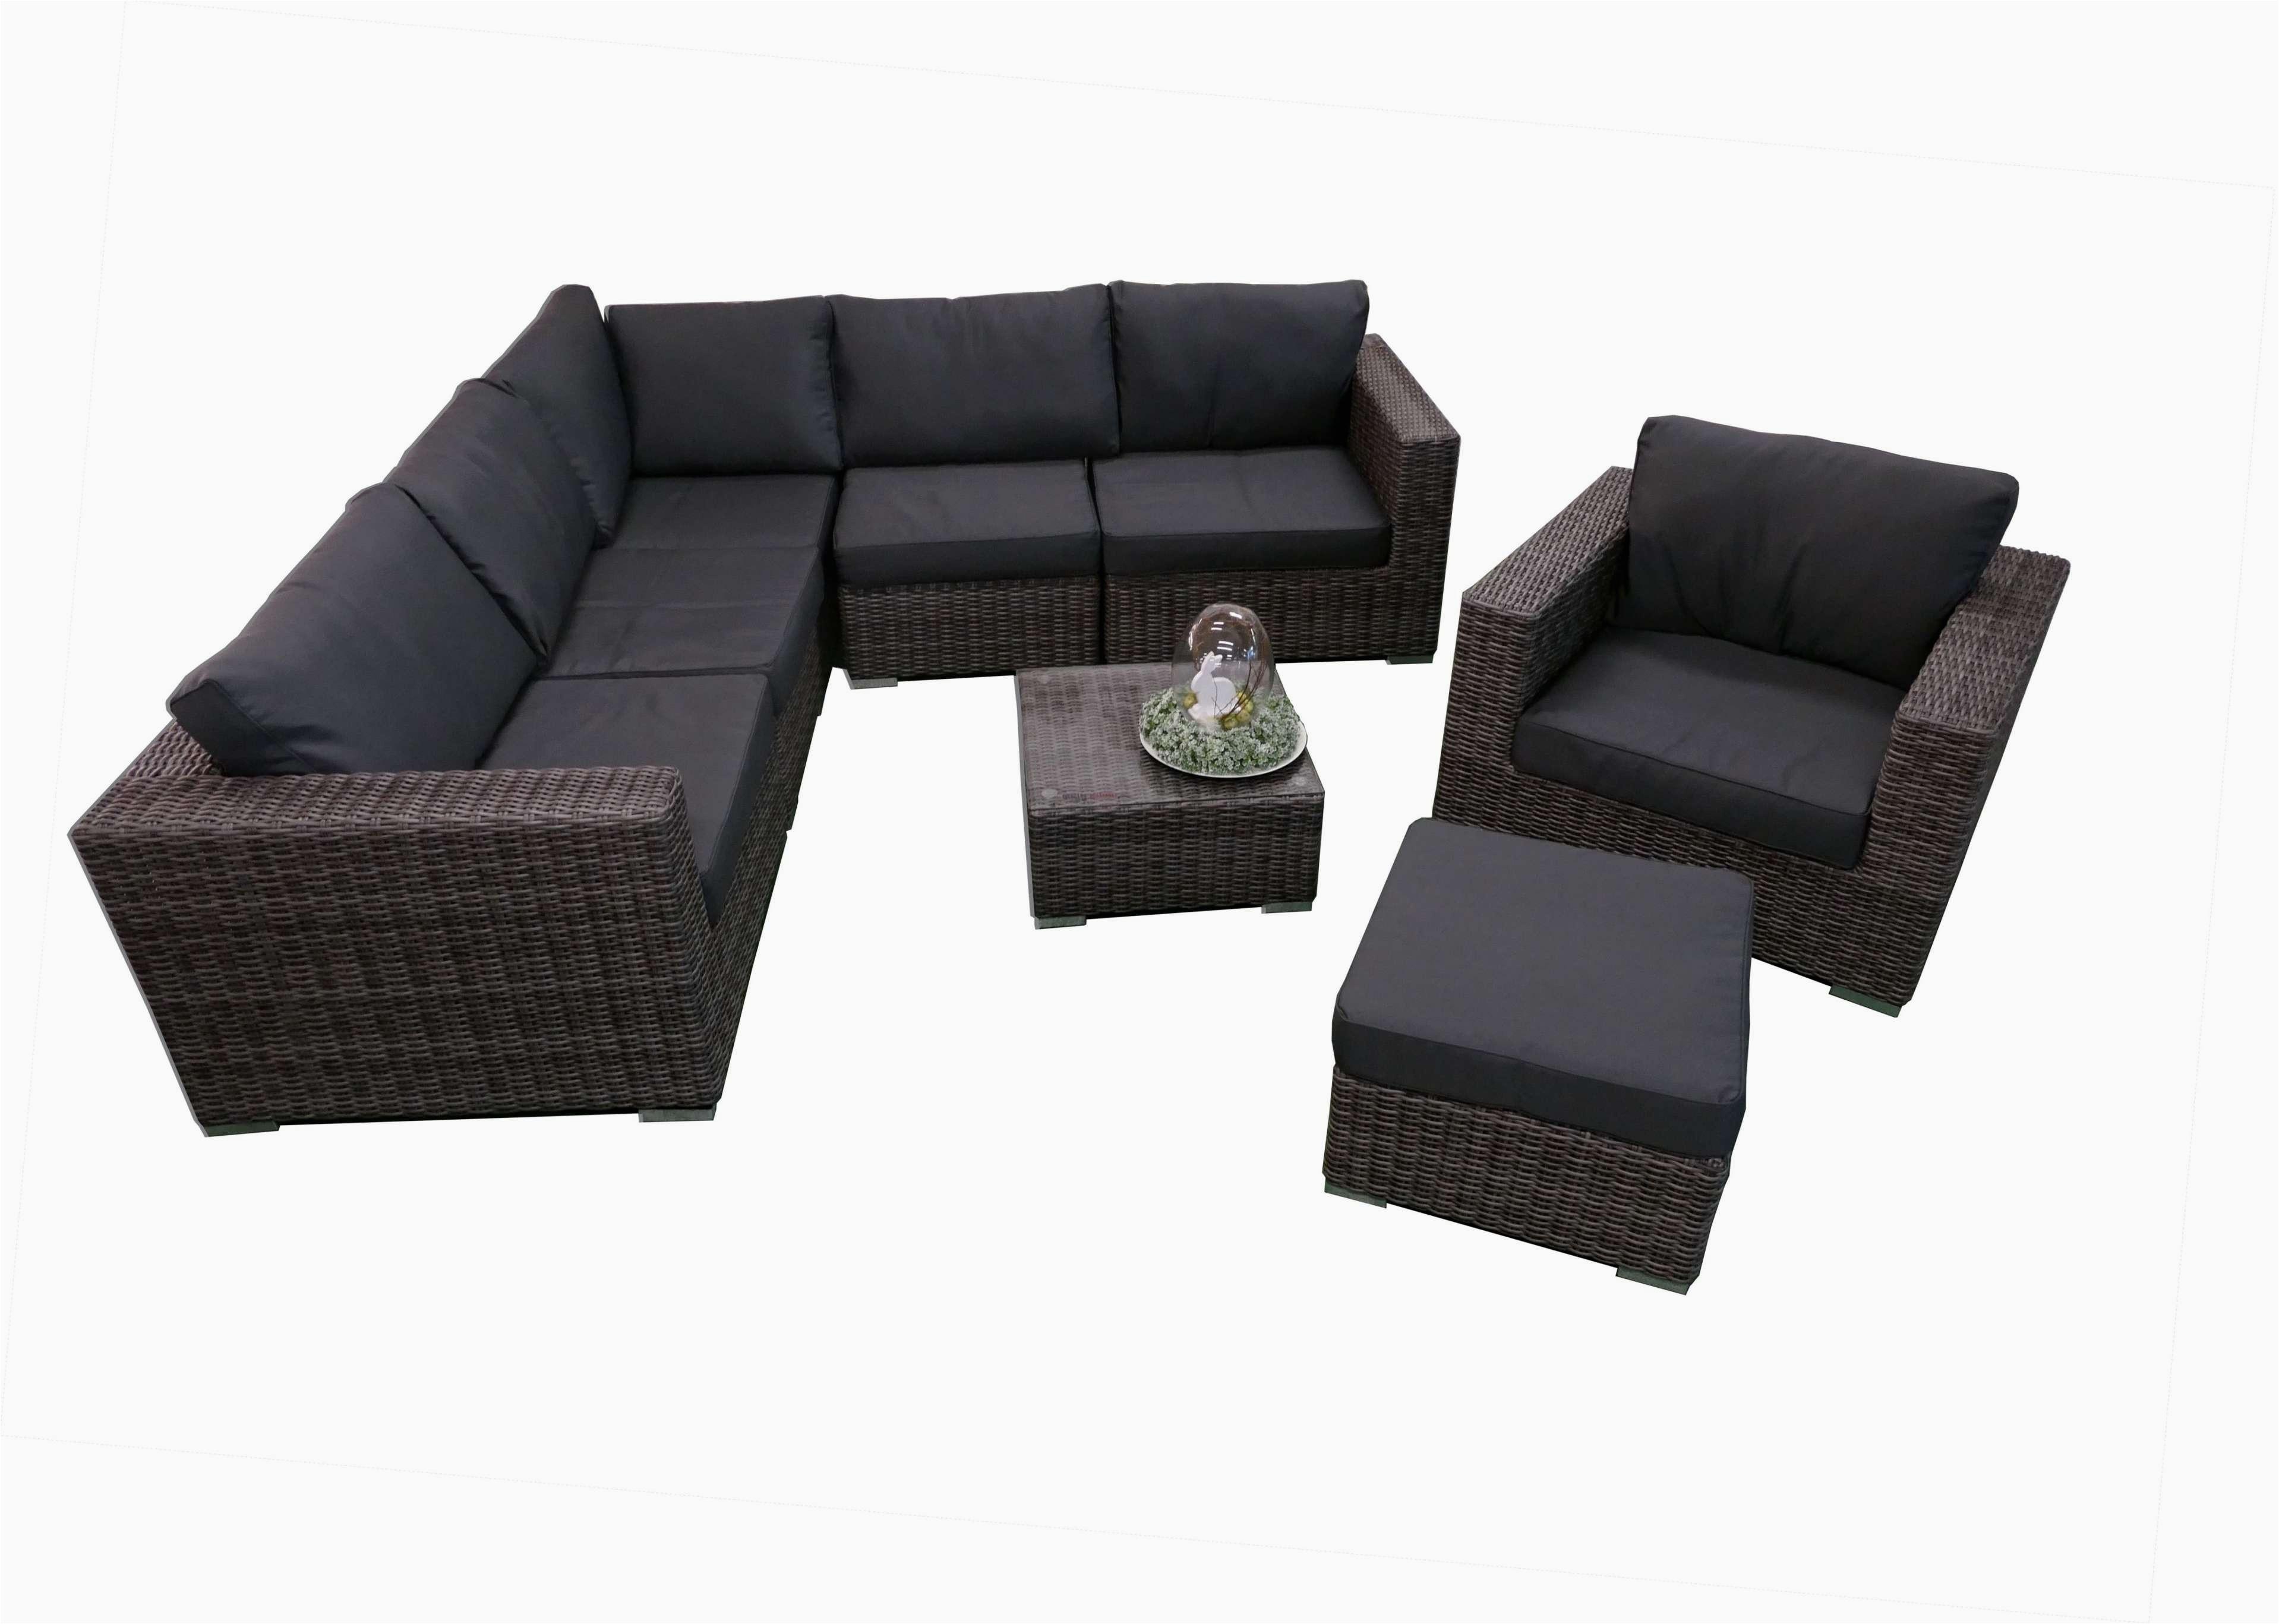 furniture store in philadelphia new living room furniture sale unique 20 fresh cheap furniture stores